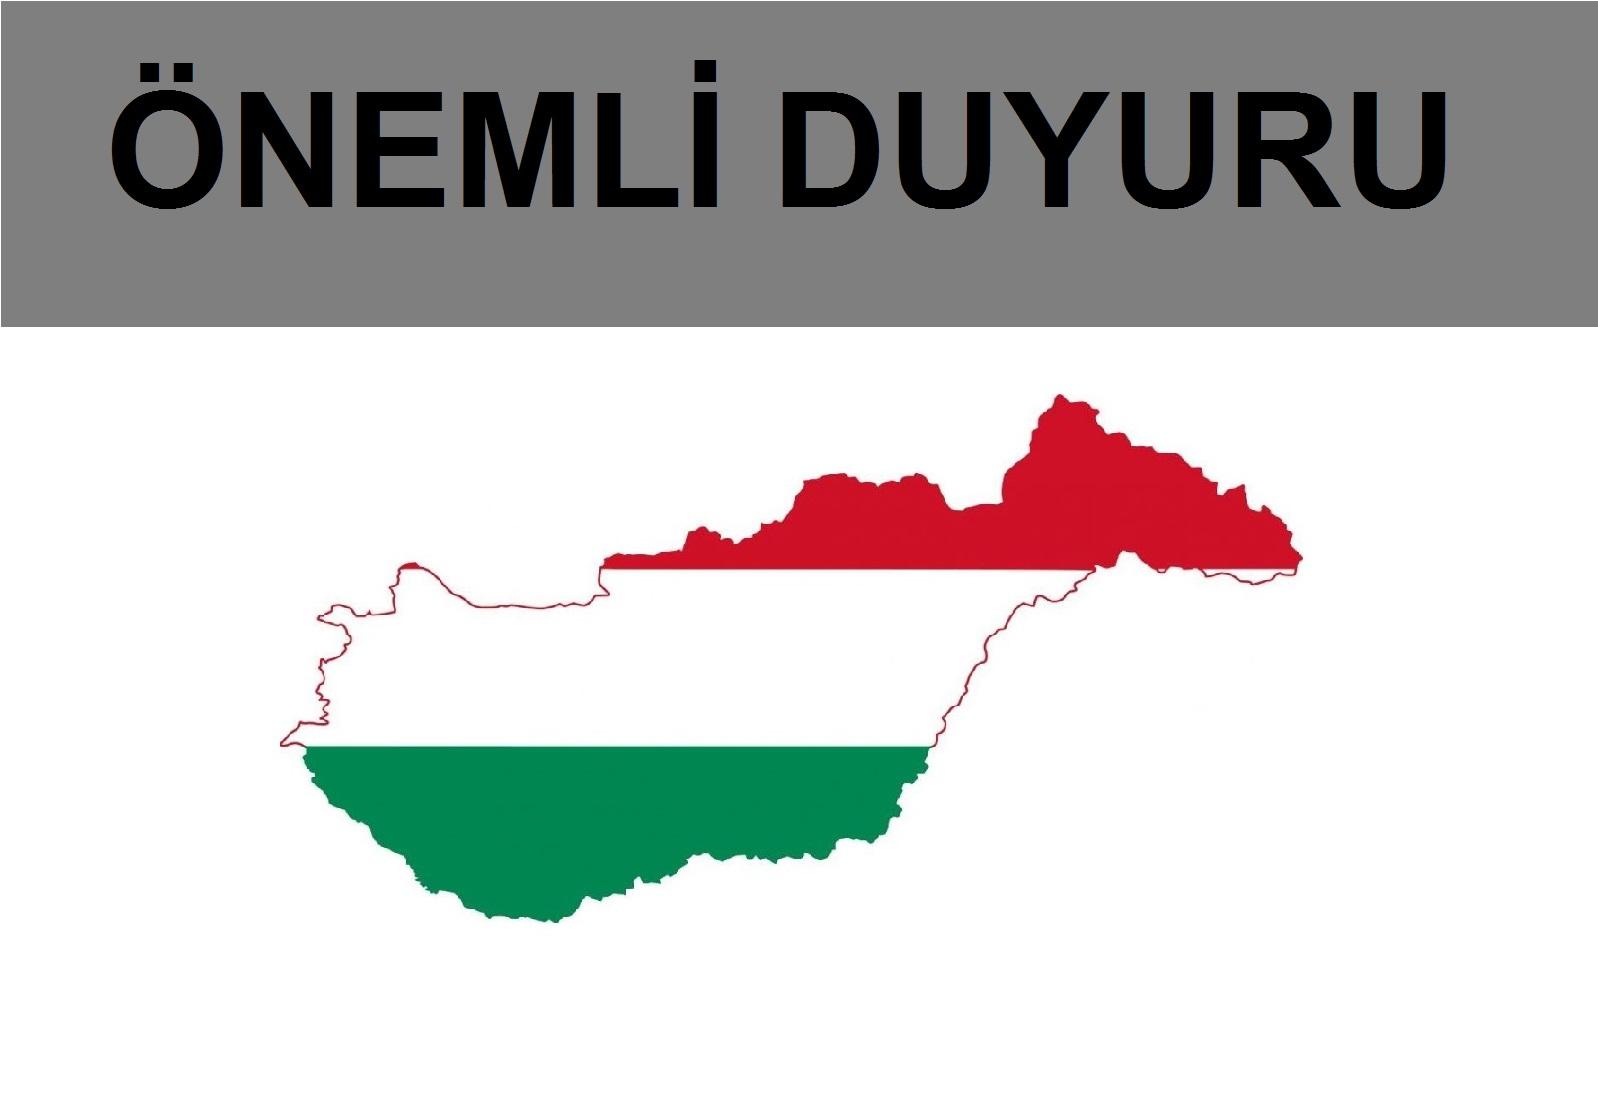 Macaristan'da, Geçiş Belgelerine İlişkin Geçmişte Protokol İmzalayan Firmaların Önemle Dikkatine